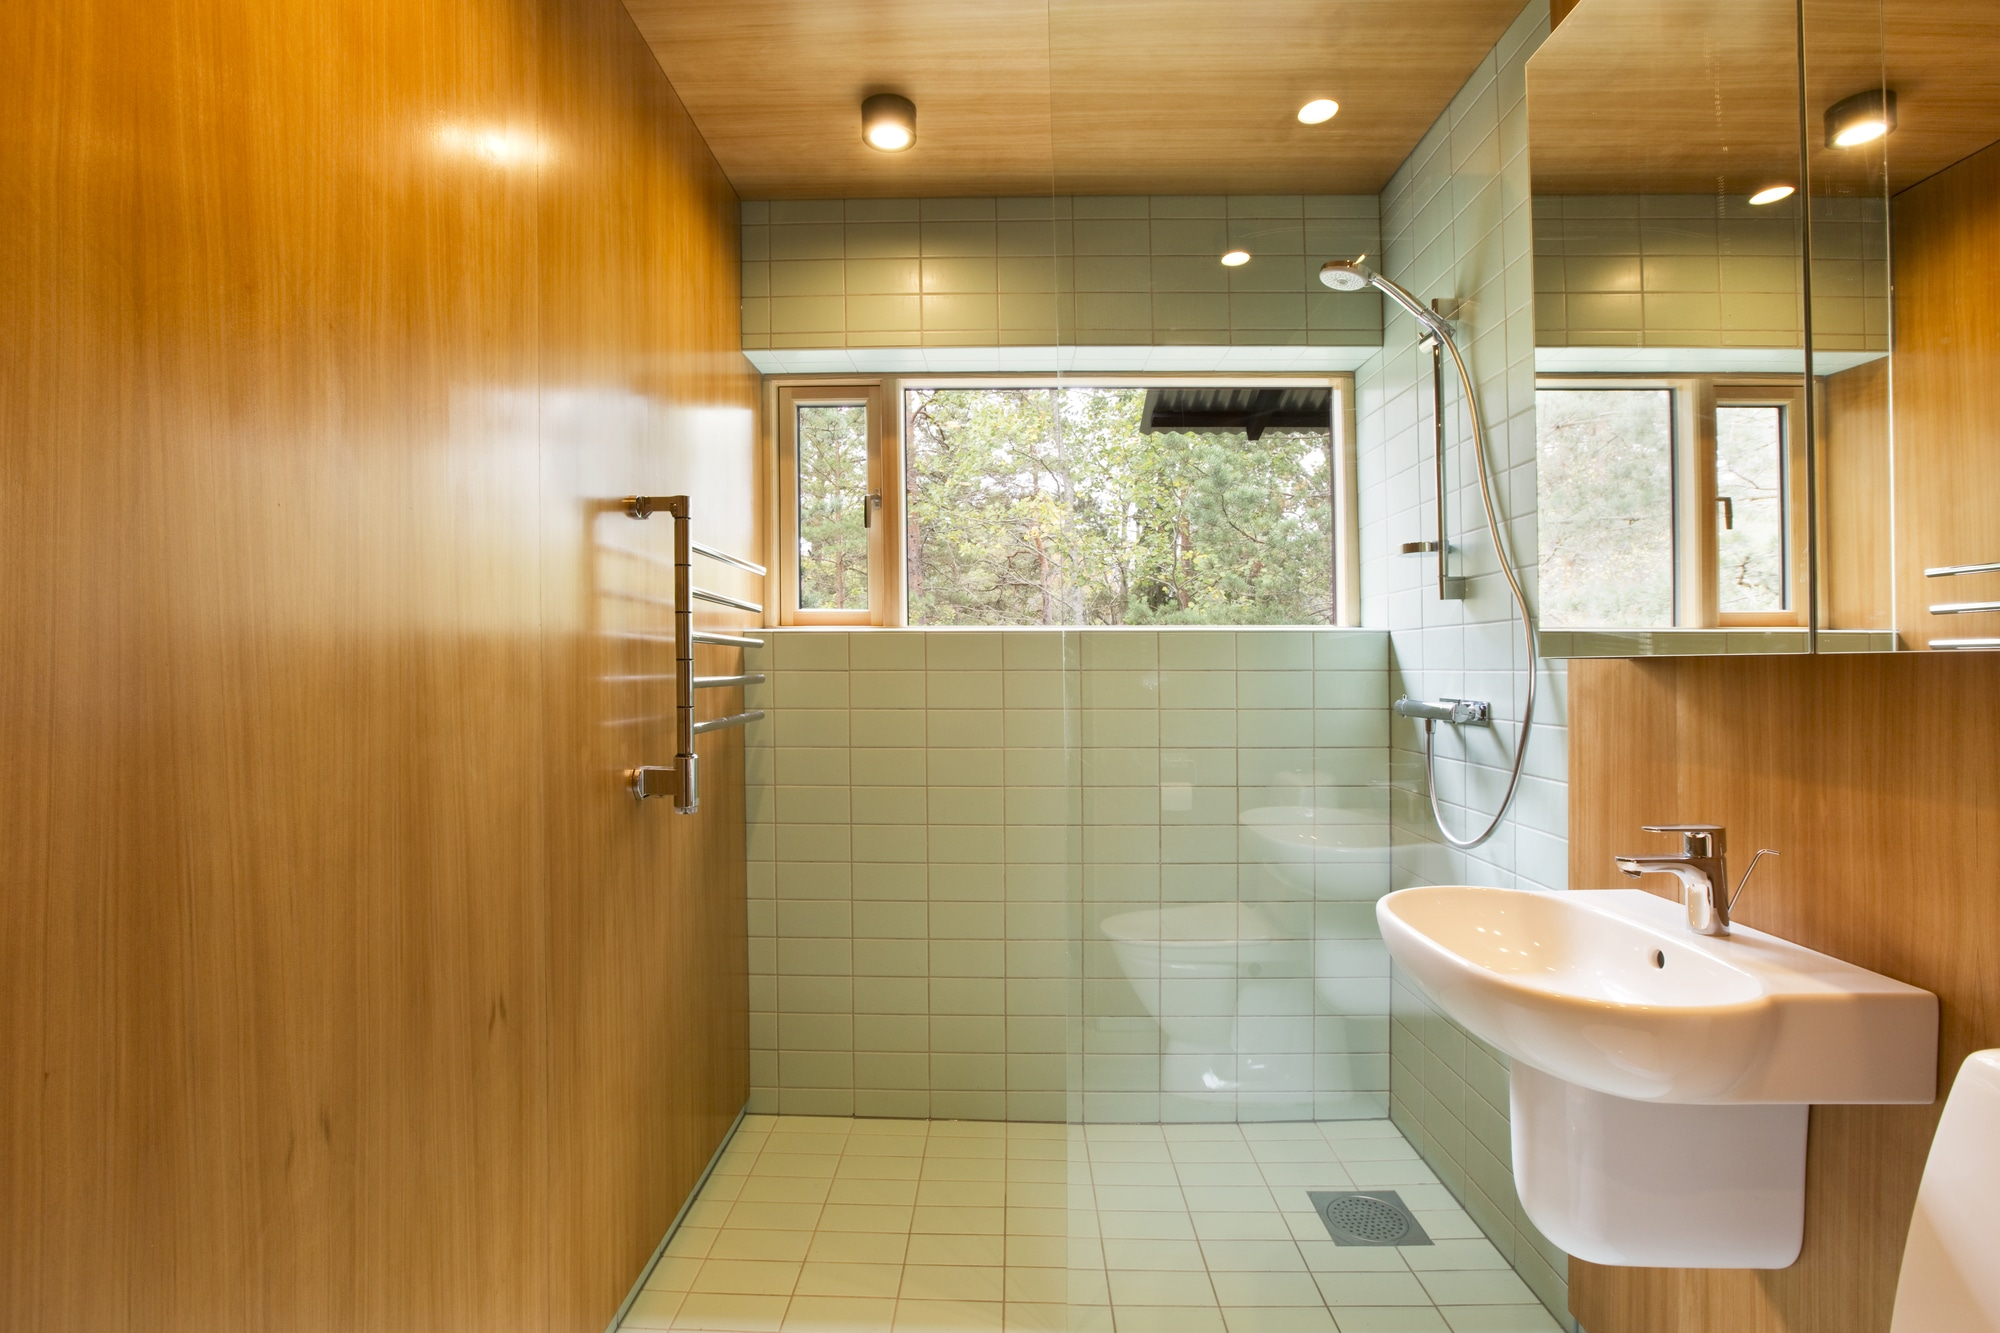 Dise o de casa peque a de madera fachada planos interior for Diseno de interiores modernos casas